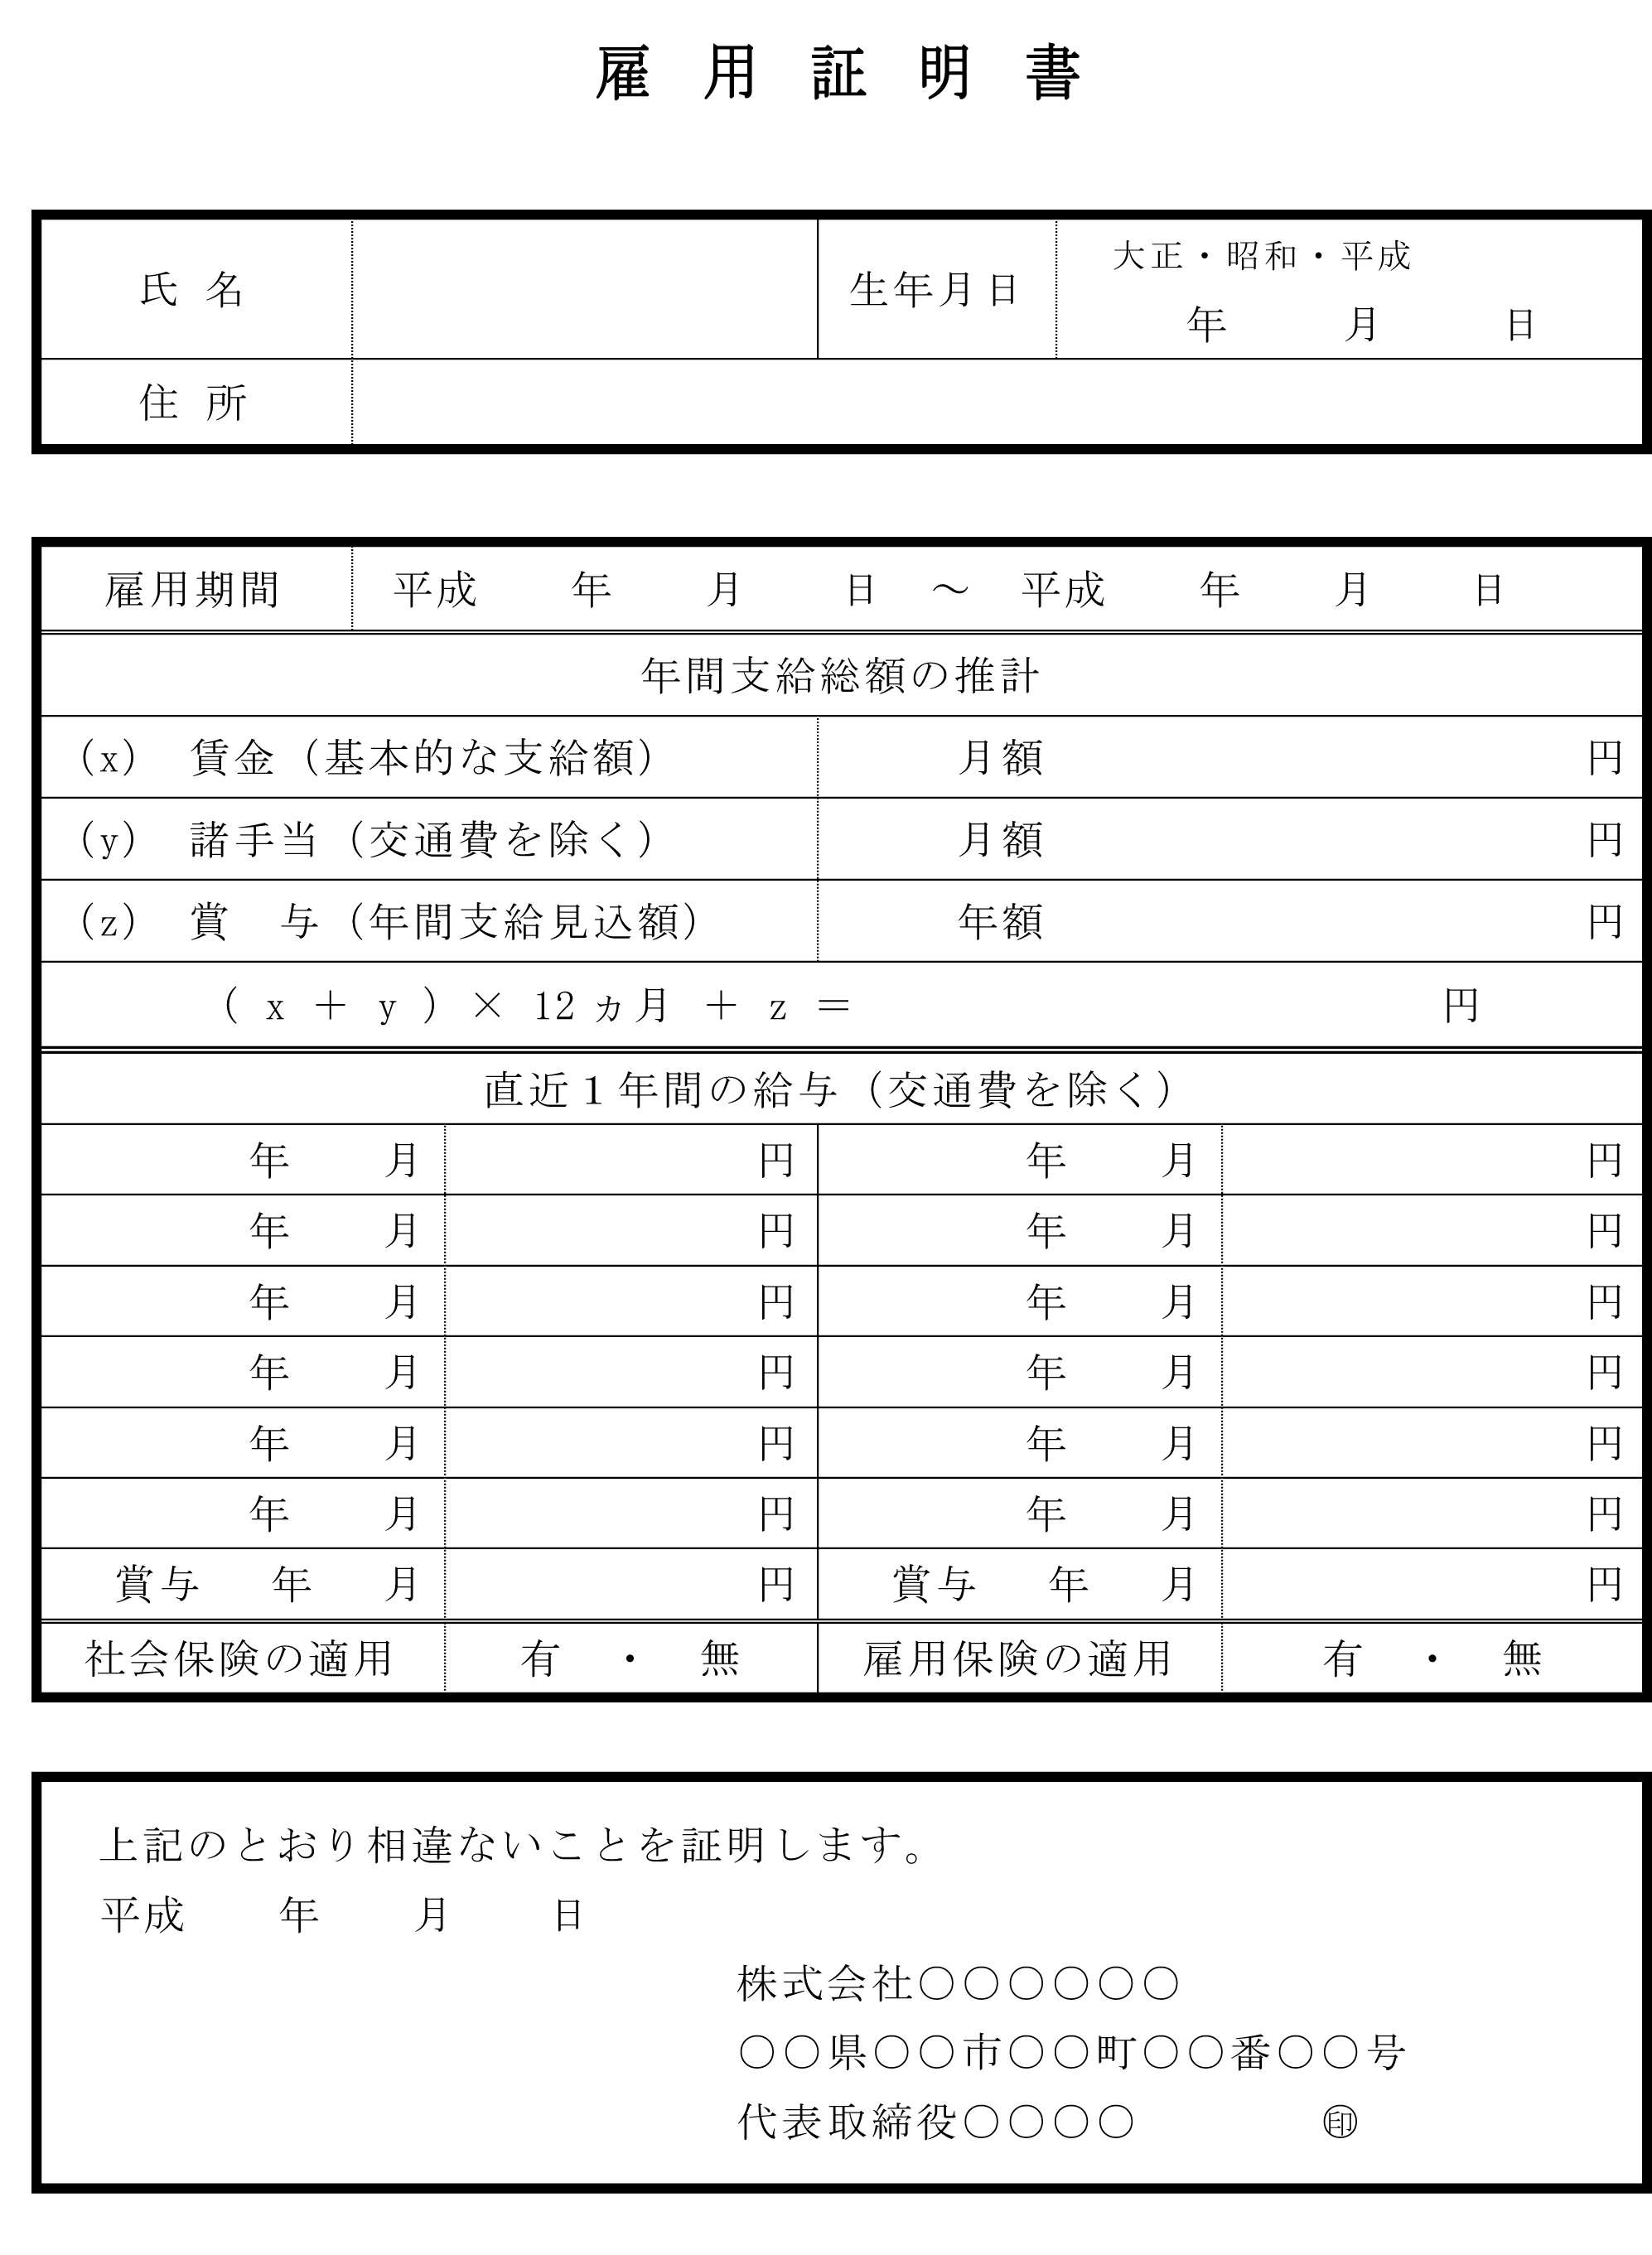 雇用証明書(健康保険の扶養資格確認)